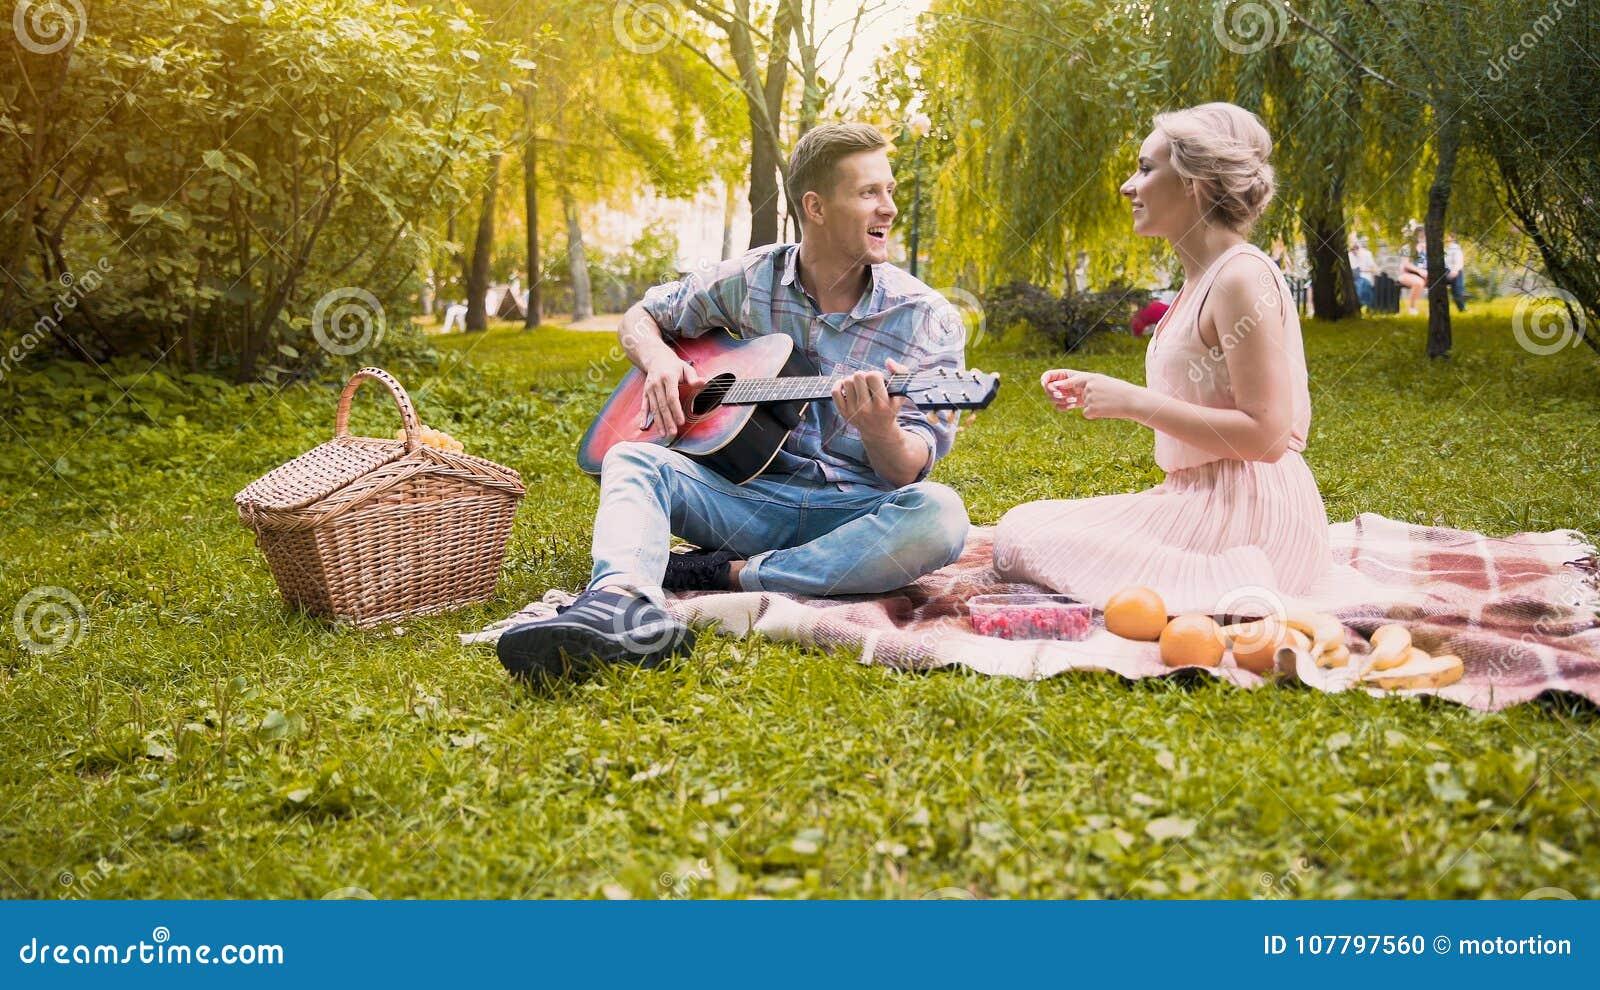 Vrolijk meisje die vreugdevol liederen met haar vriend het spelen gitaar zingen, datum